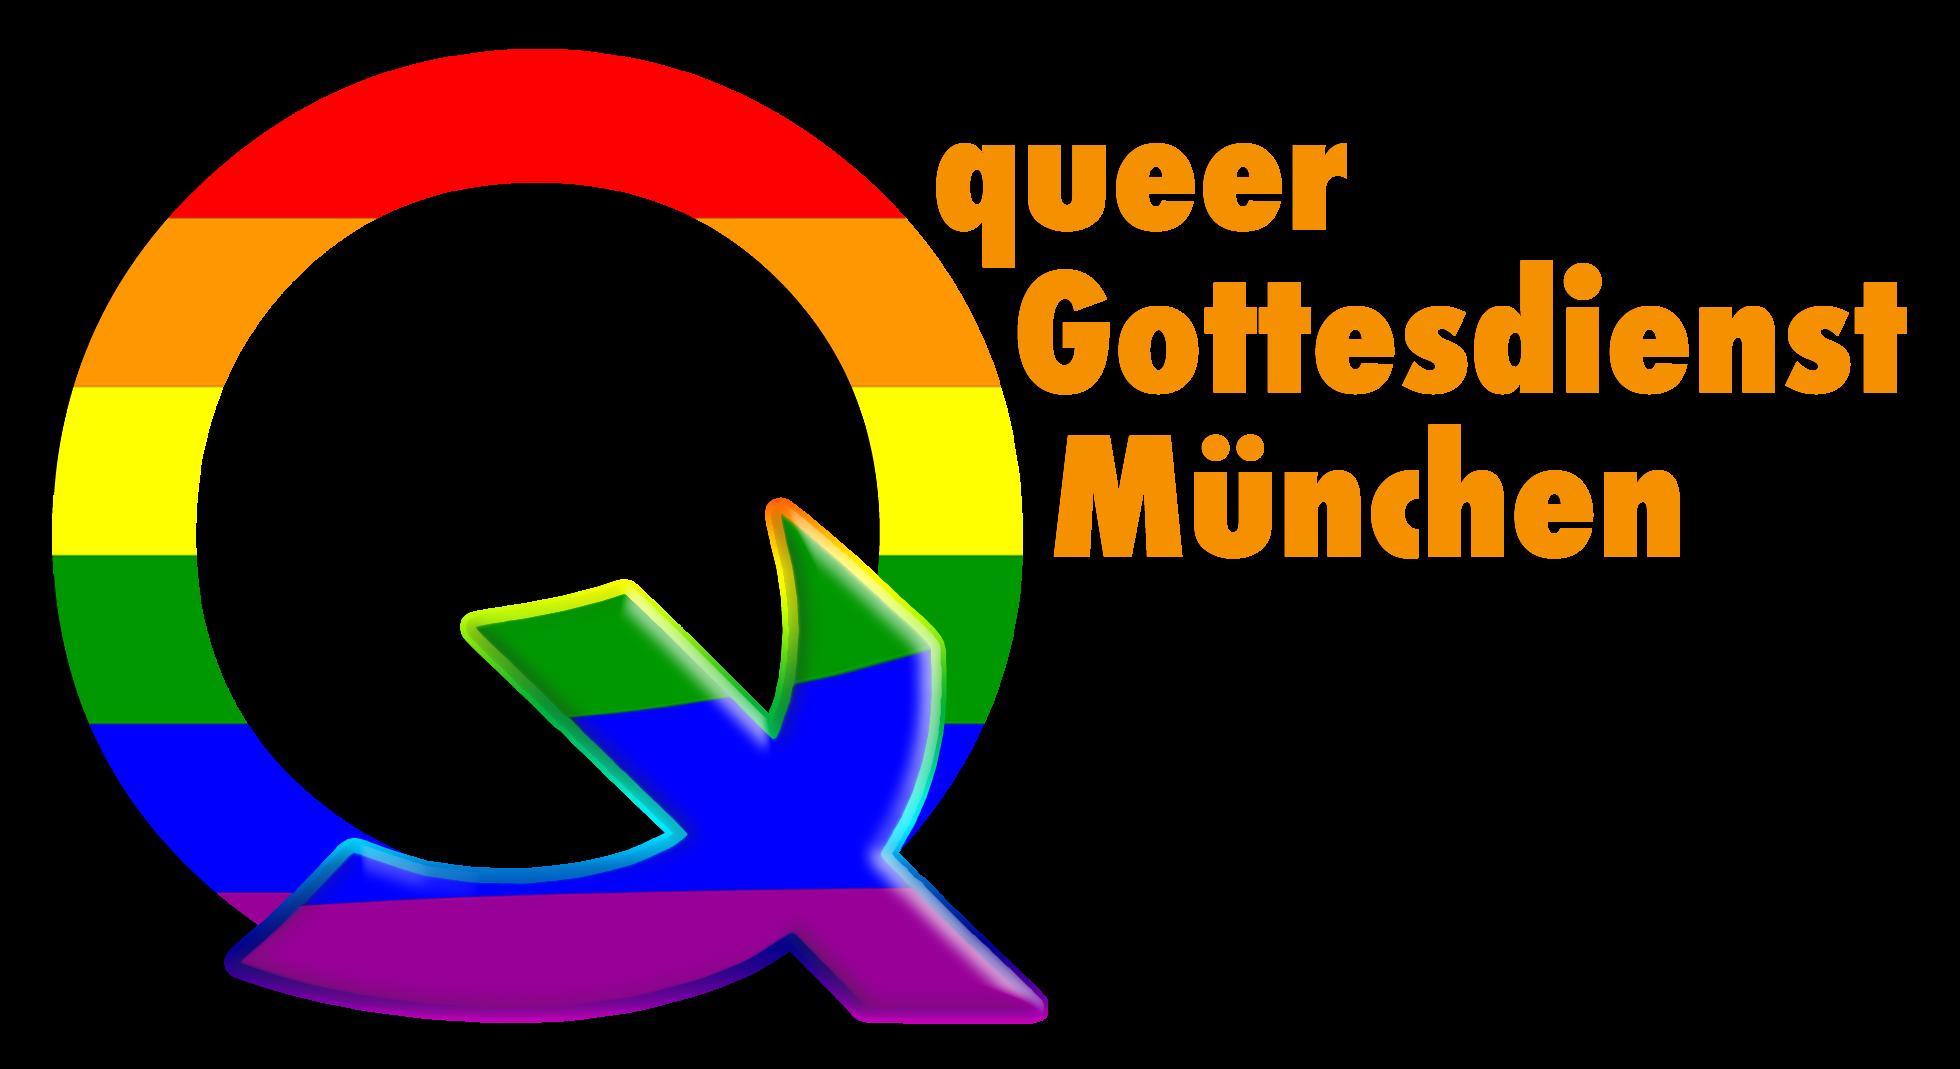 queerGottesdienst München